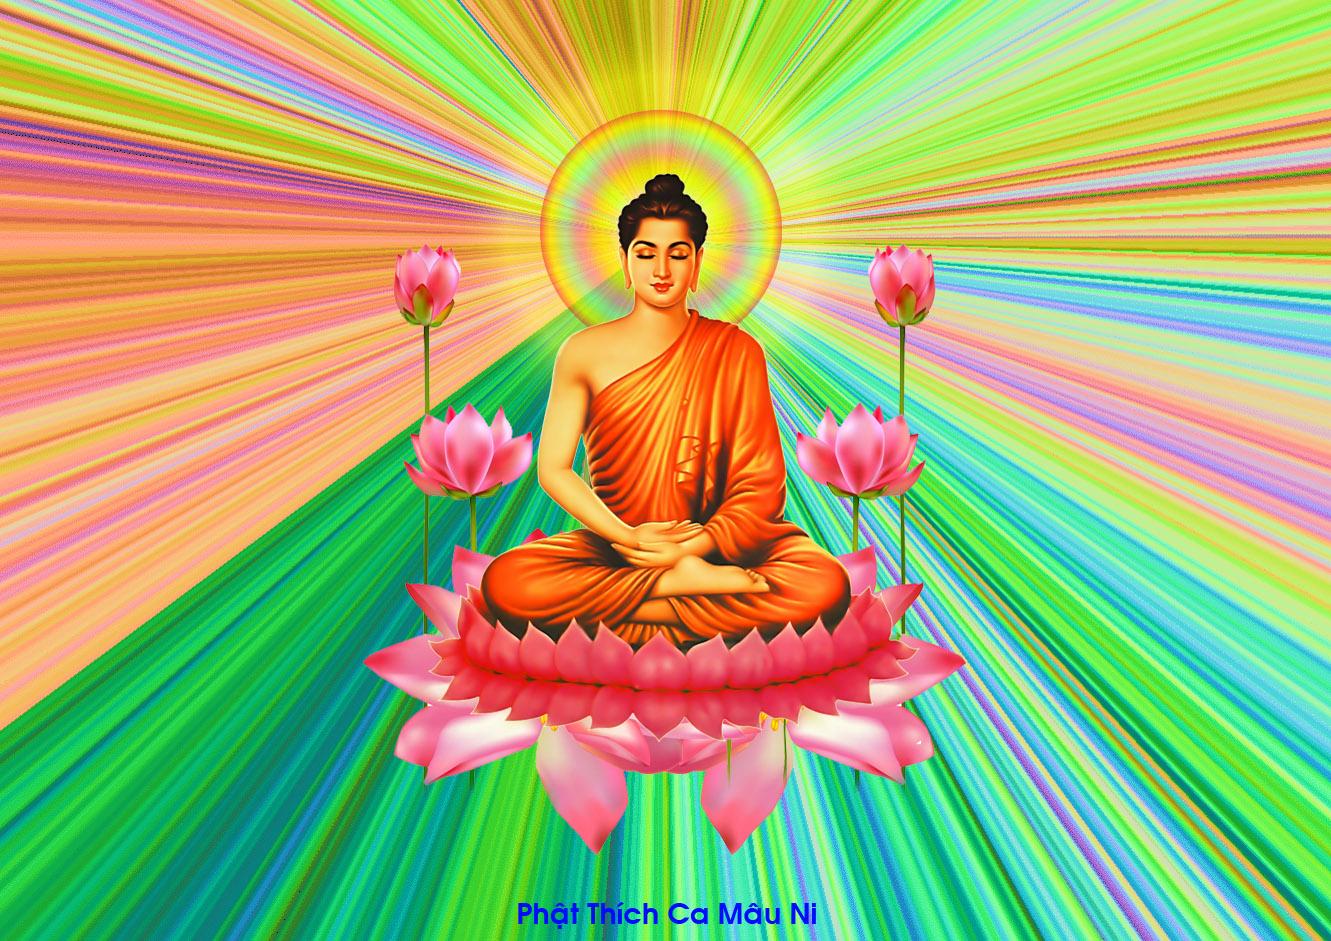 Tôn ảnh Phật Thích Ca Mâu Ni bản mới